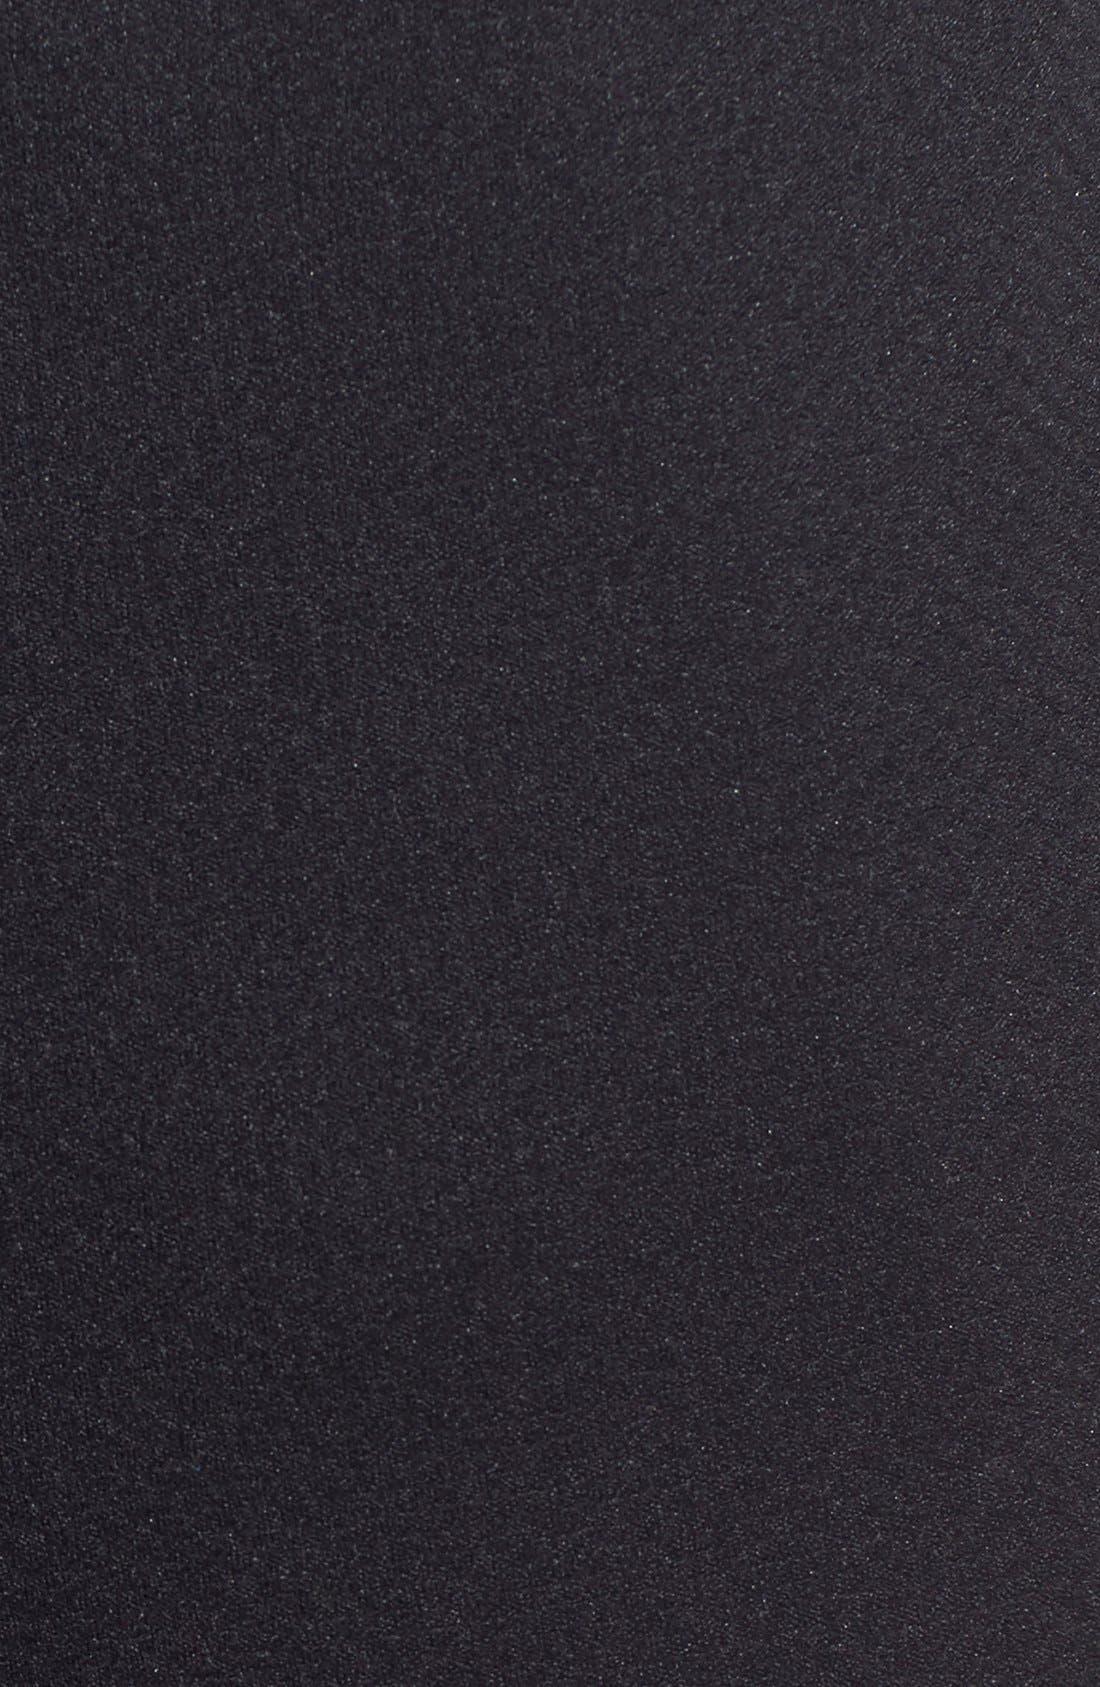 SB 'Stripe Sunday' Dri-FIT Shorts,                             Alternate thumbnail 3, color,                             010